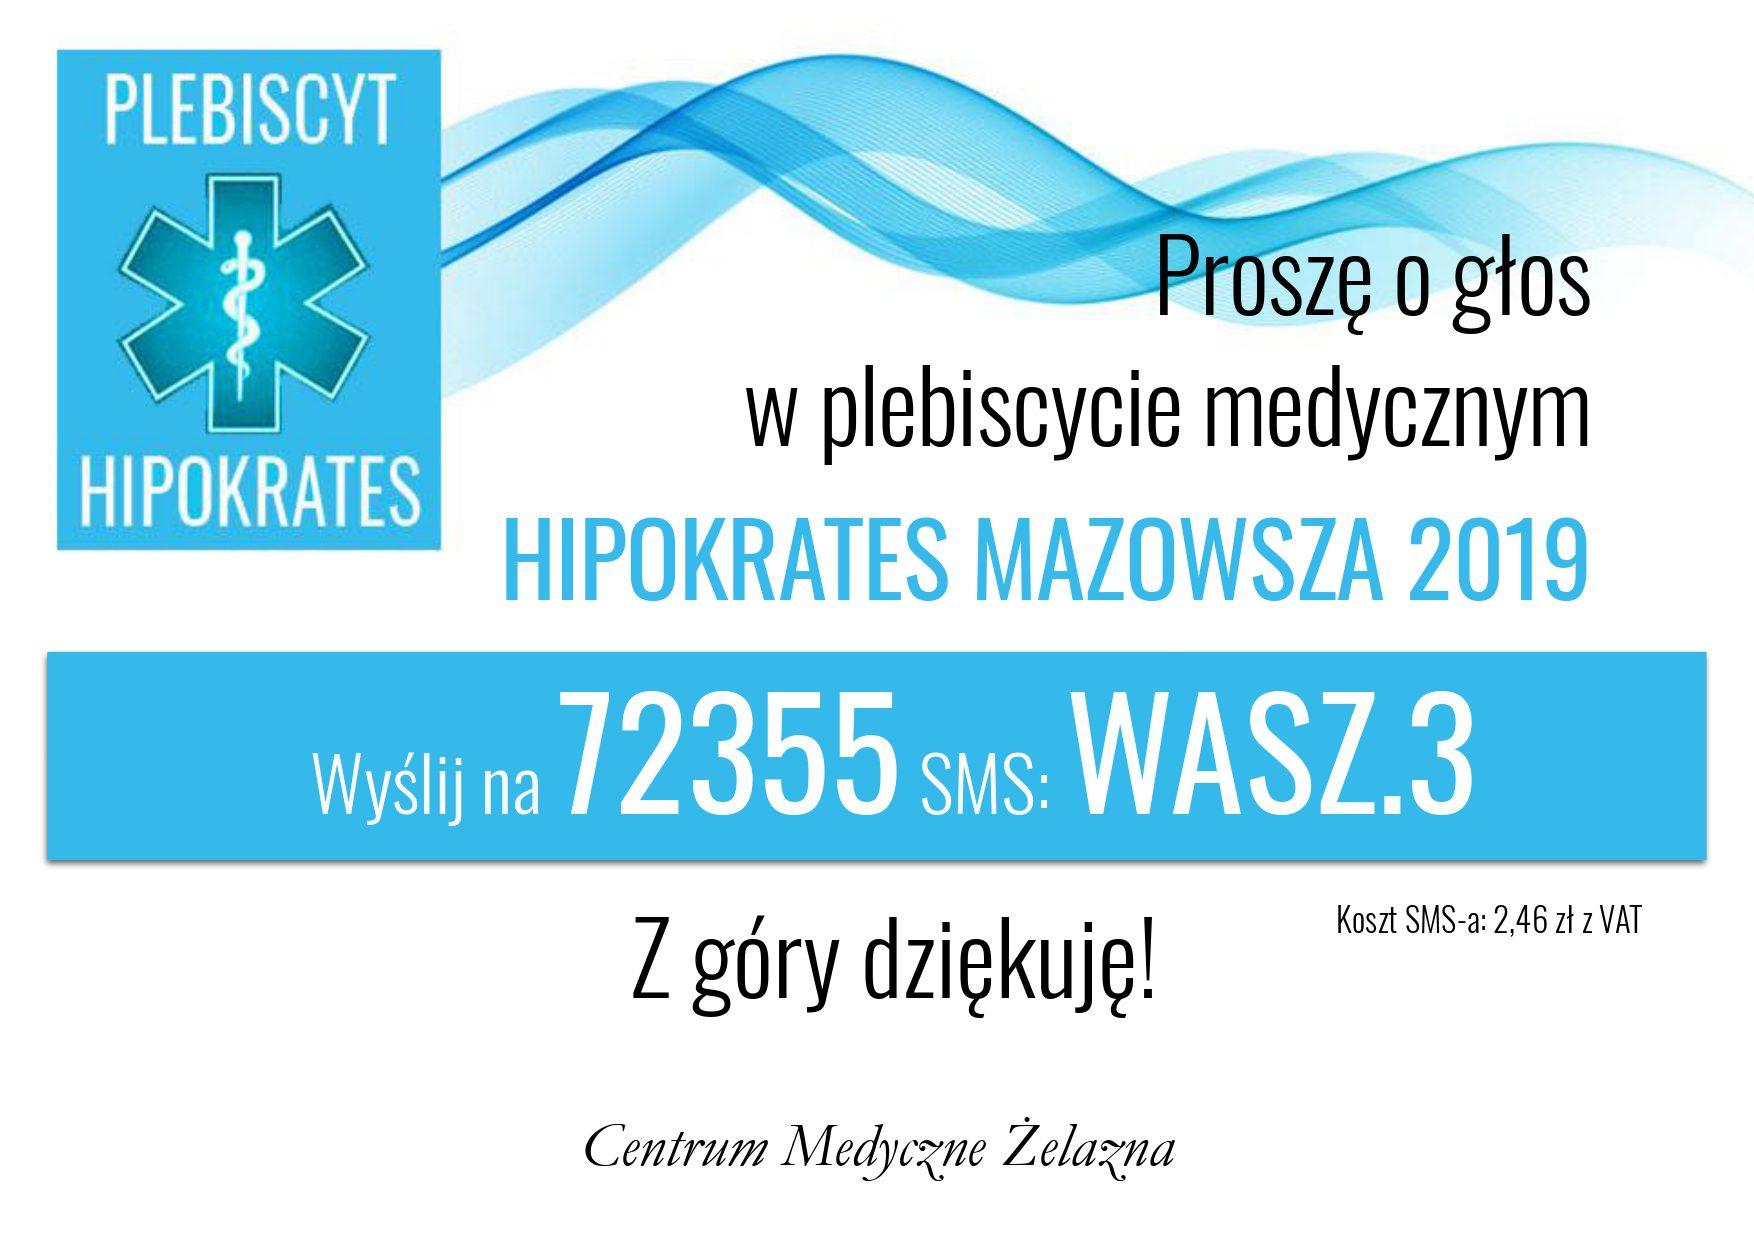 WASZ.3